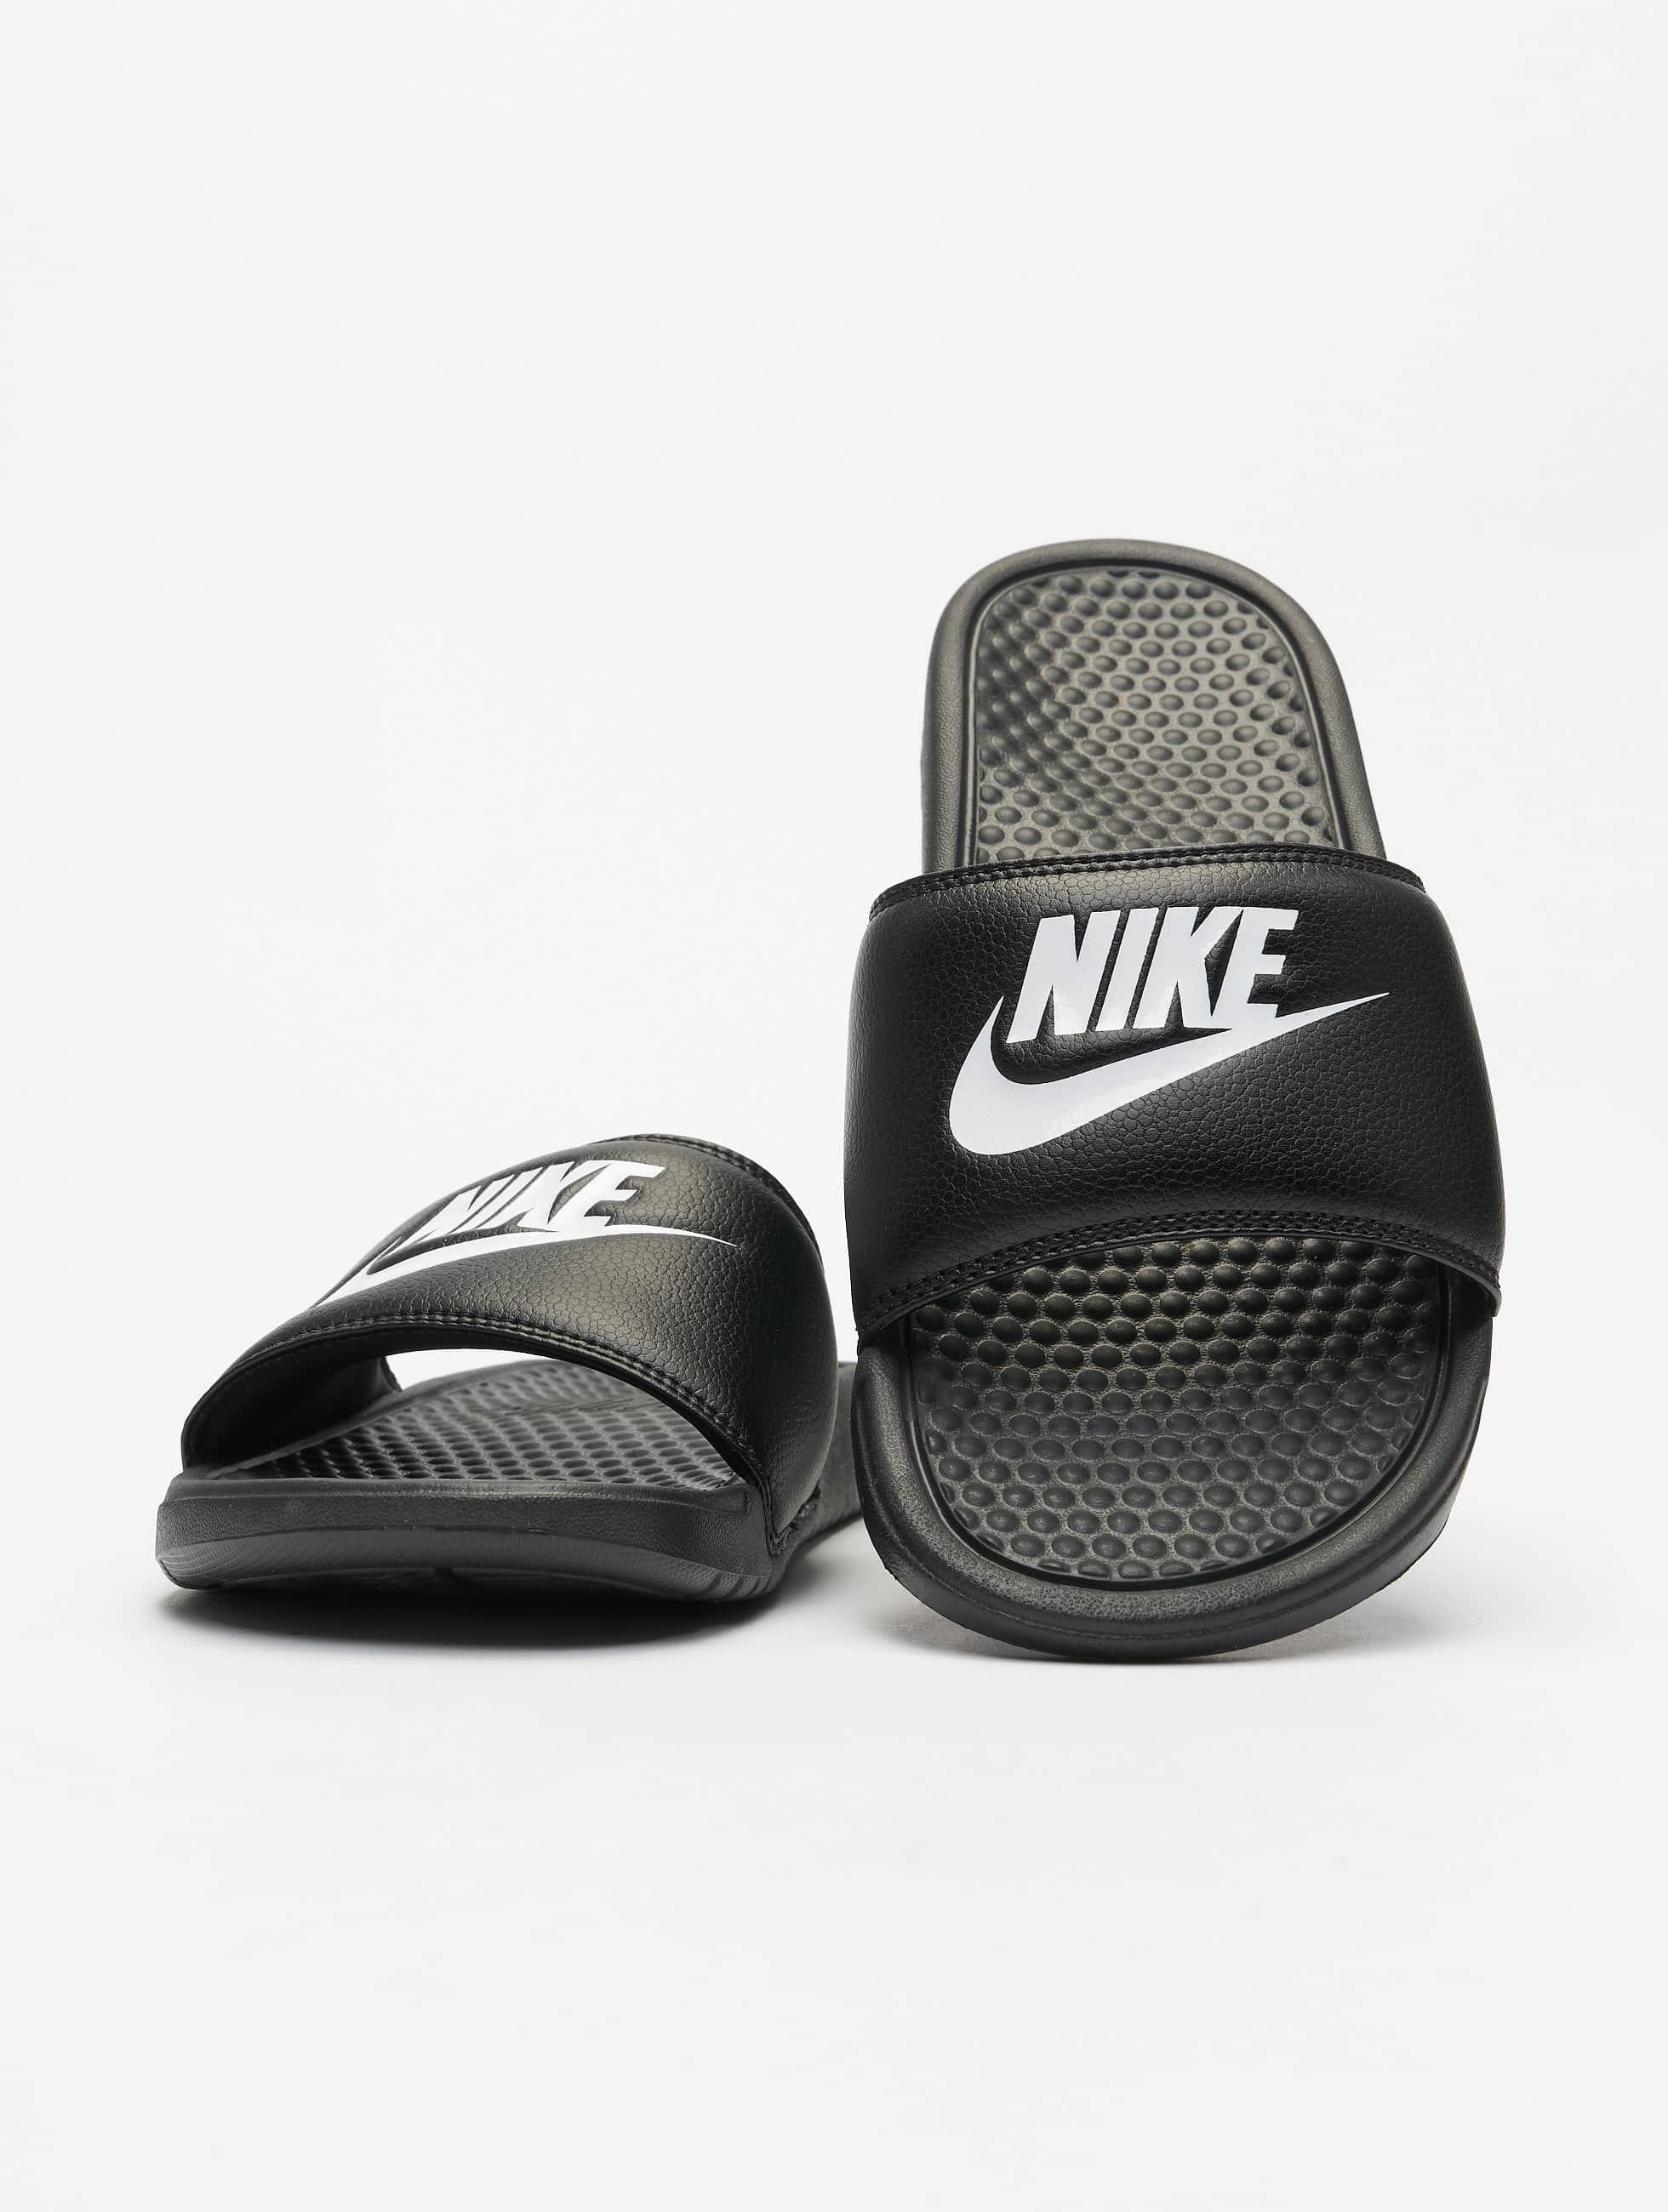 Nike Benassi Jdi Noir Homme Claquettes Amp Sandales 256902